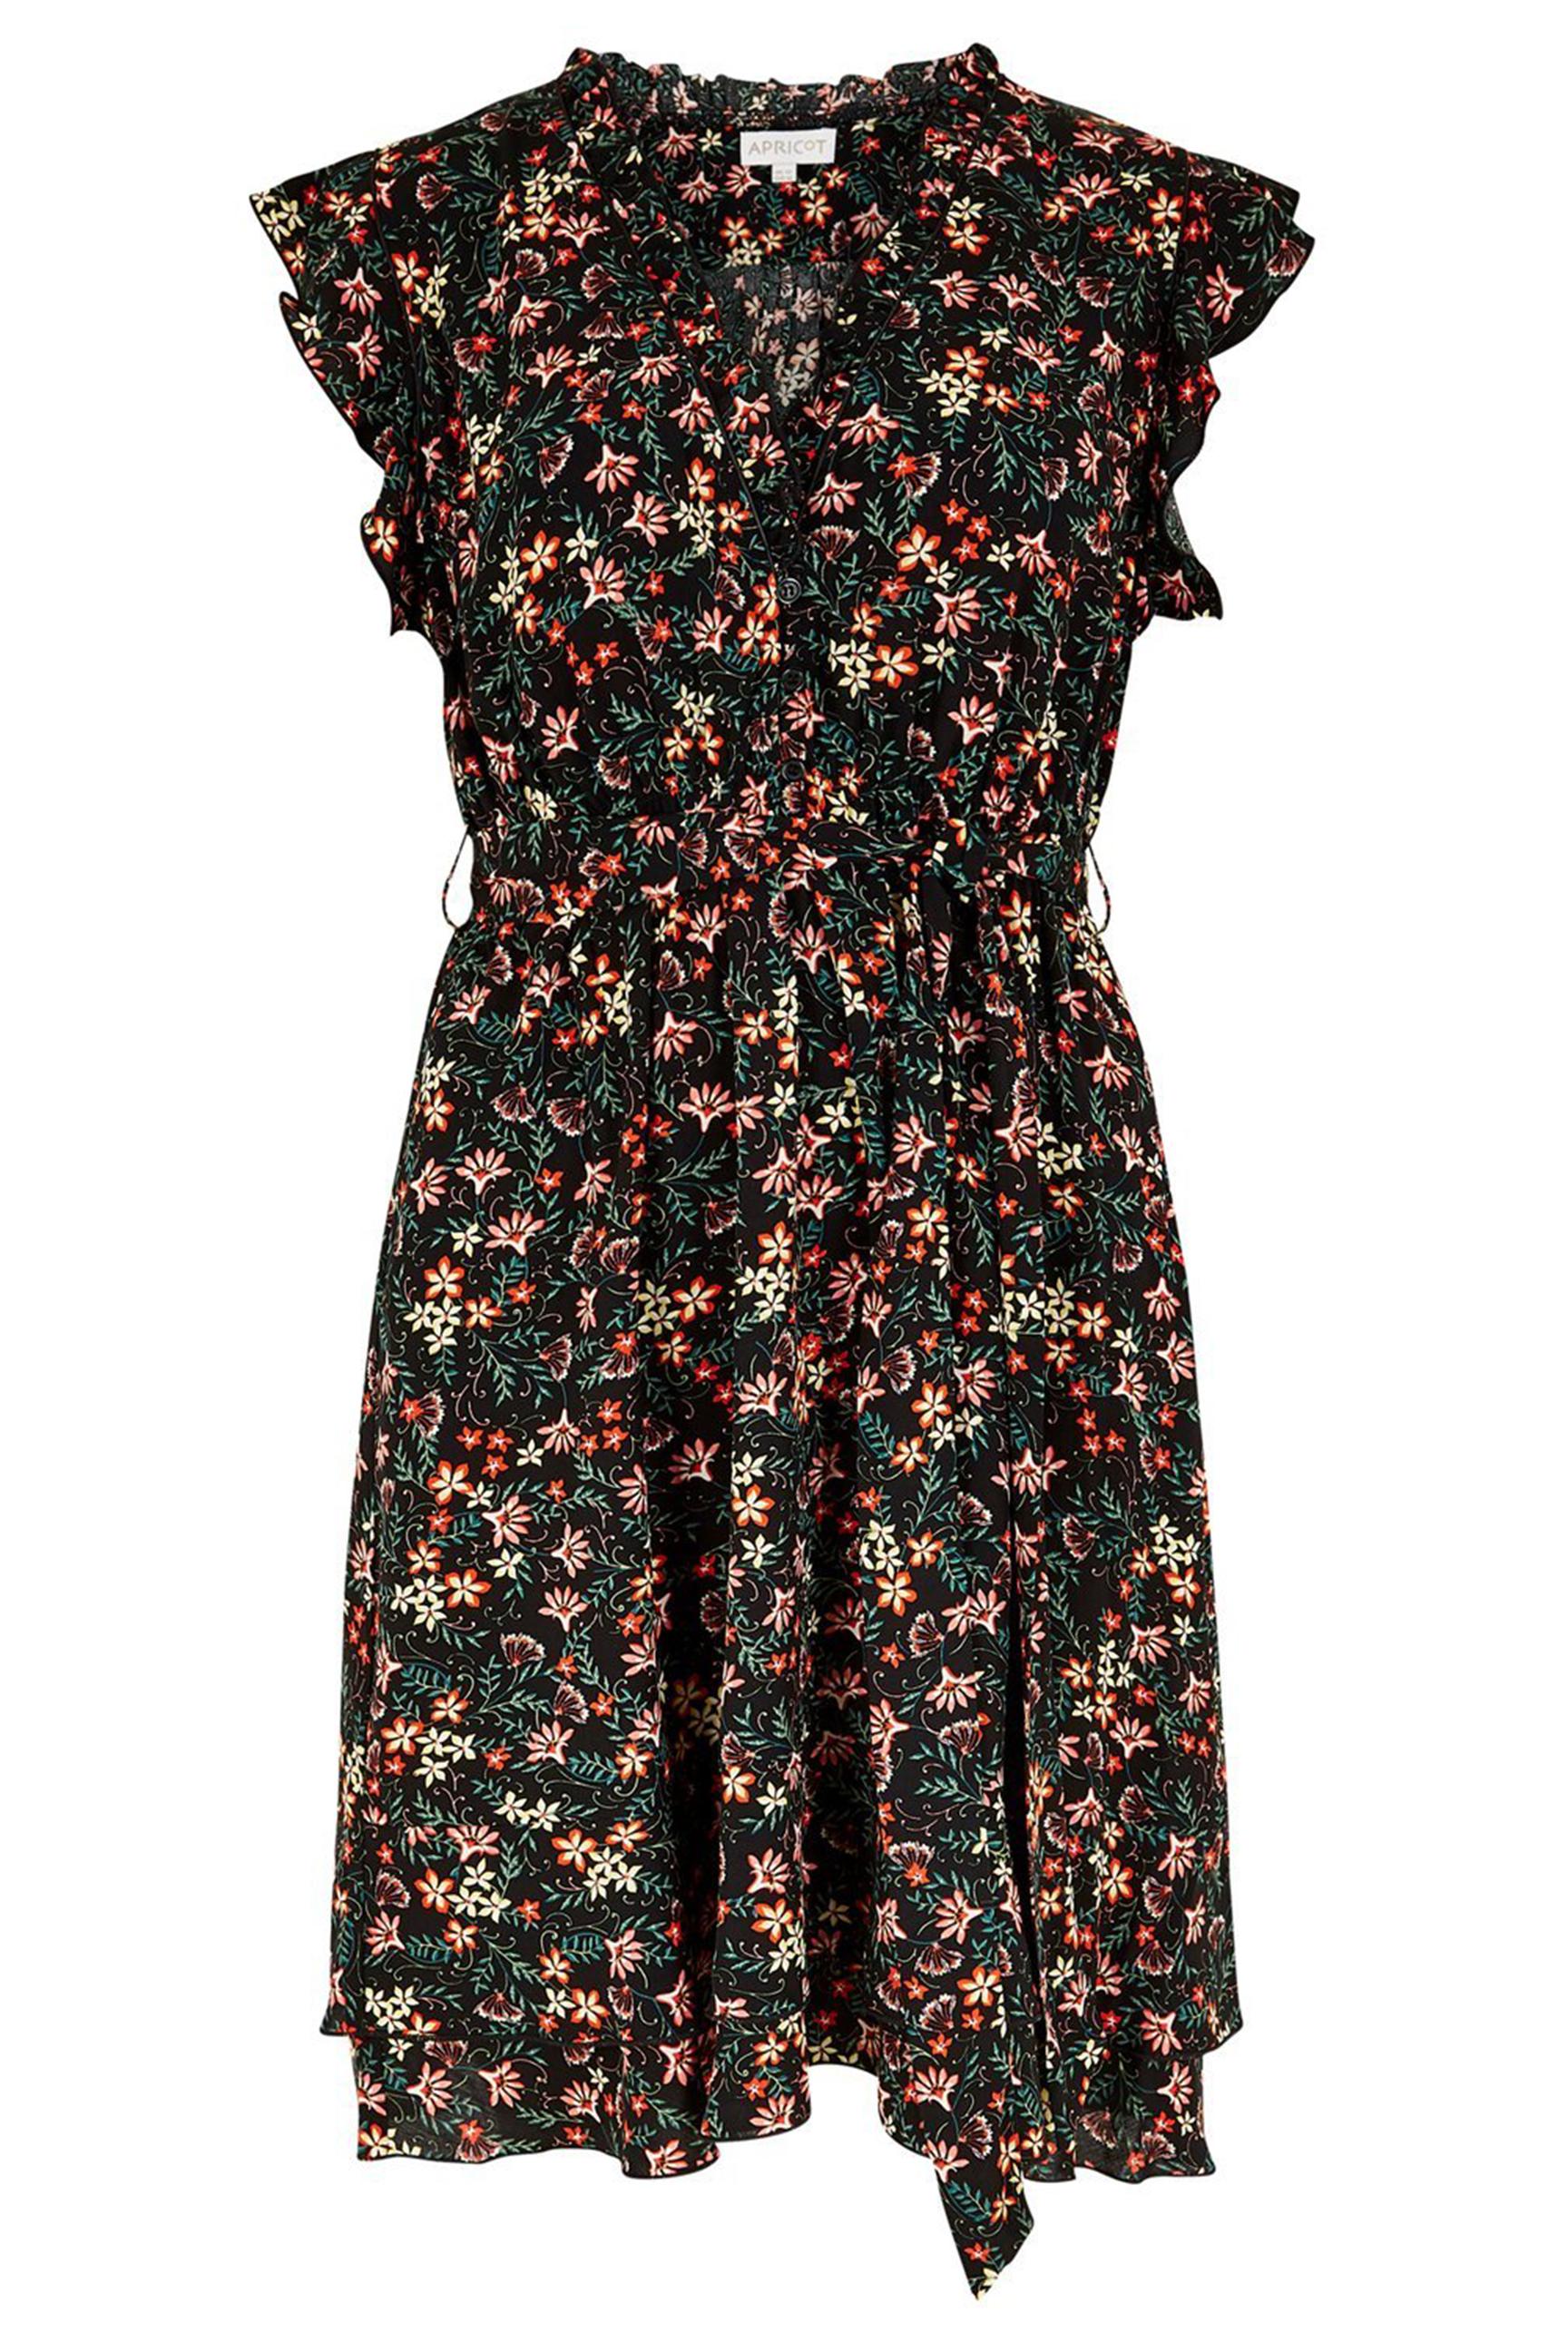 Apricot Damen Kleid Morris Dress Black Tayler Fashion